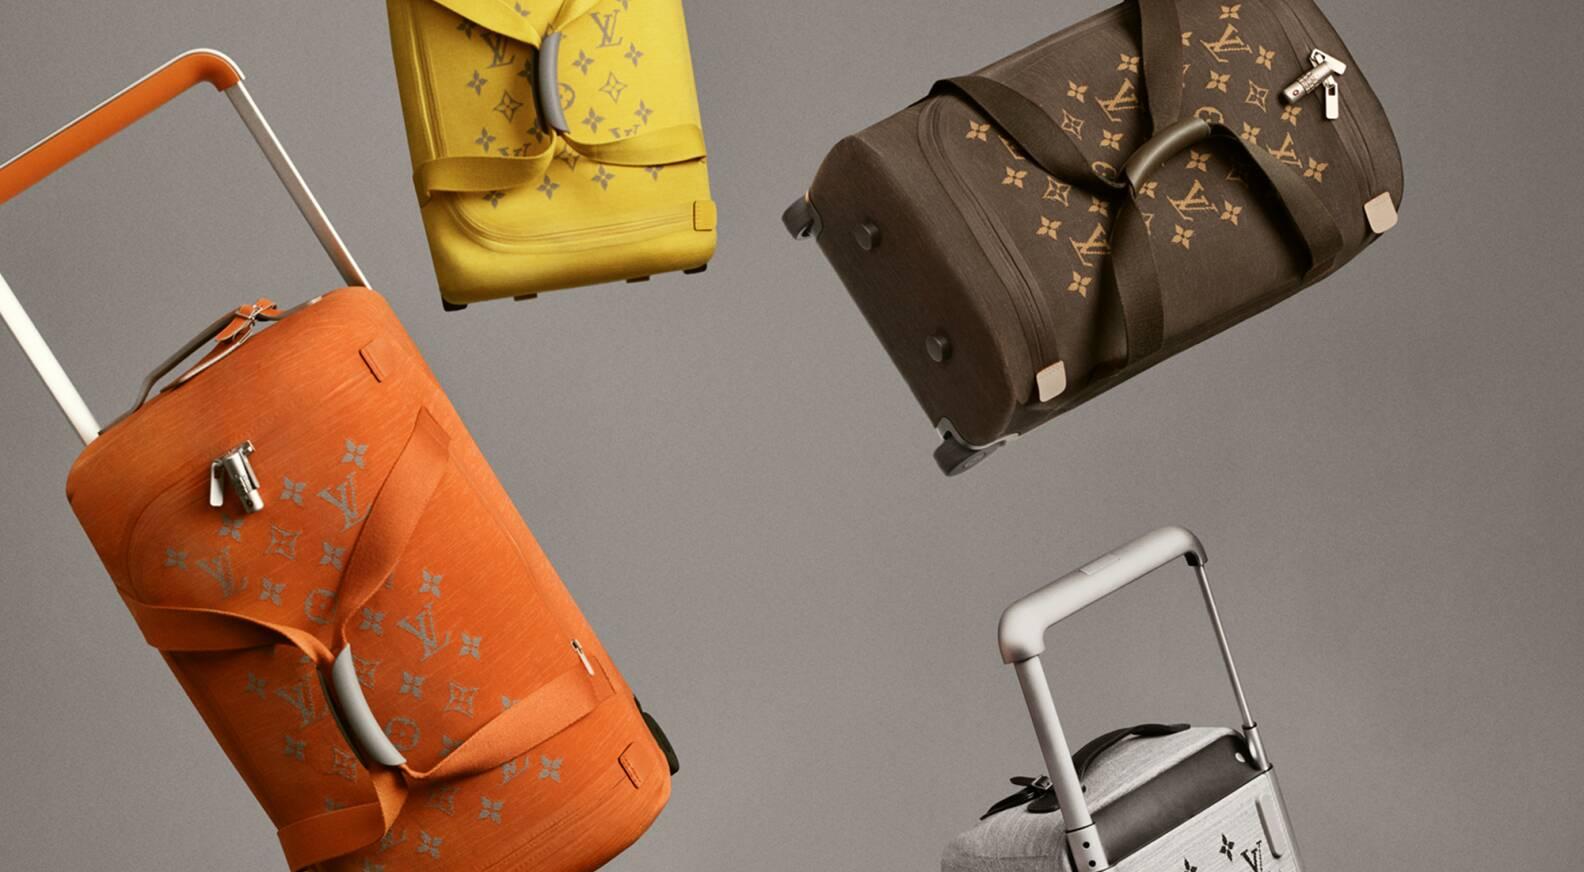 3c6d5510465c Louis Vuitton launches Horizon Soft